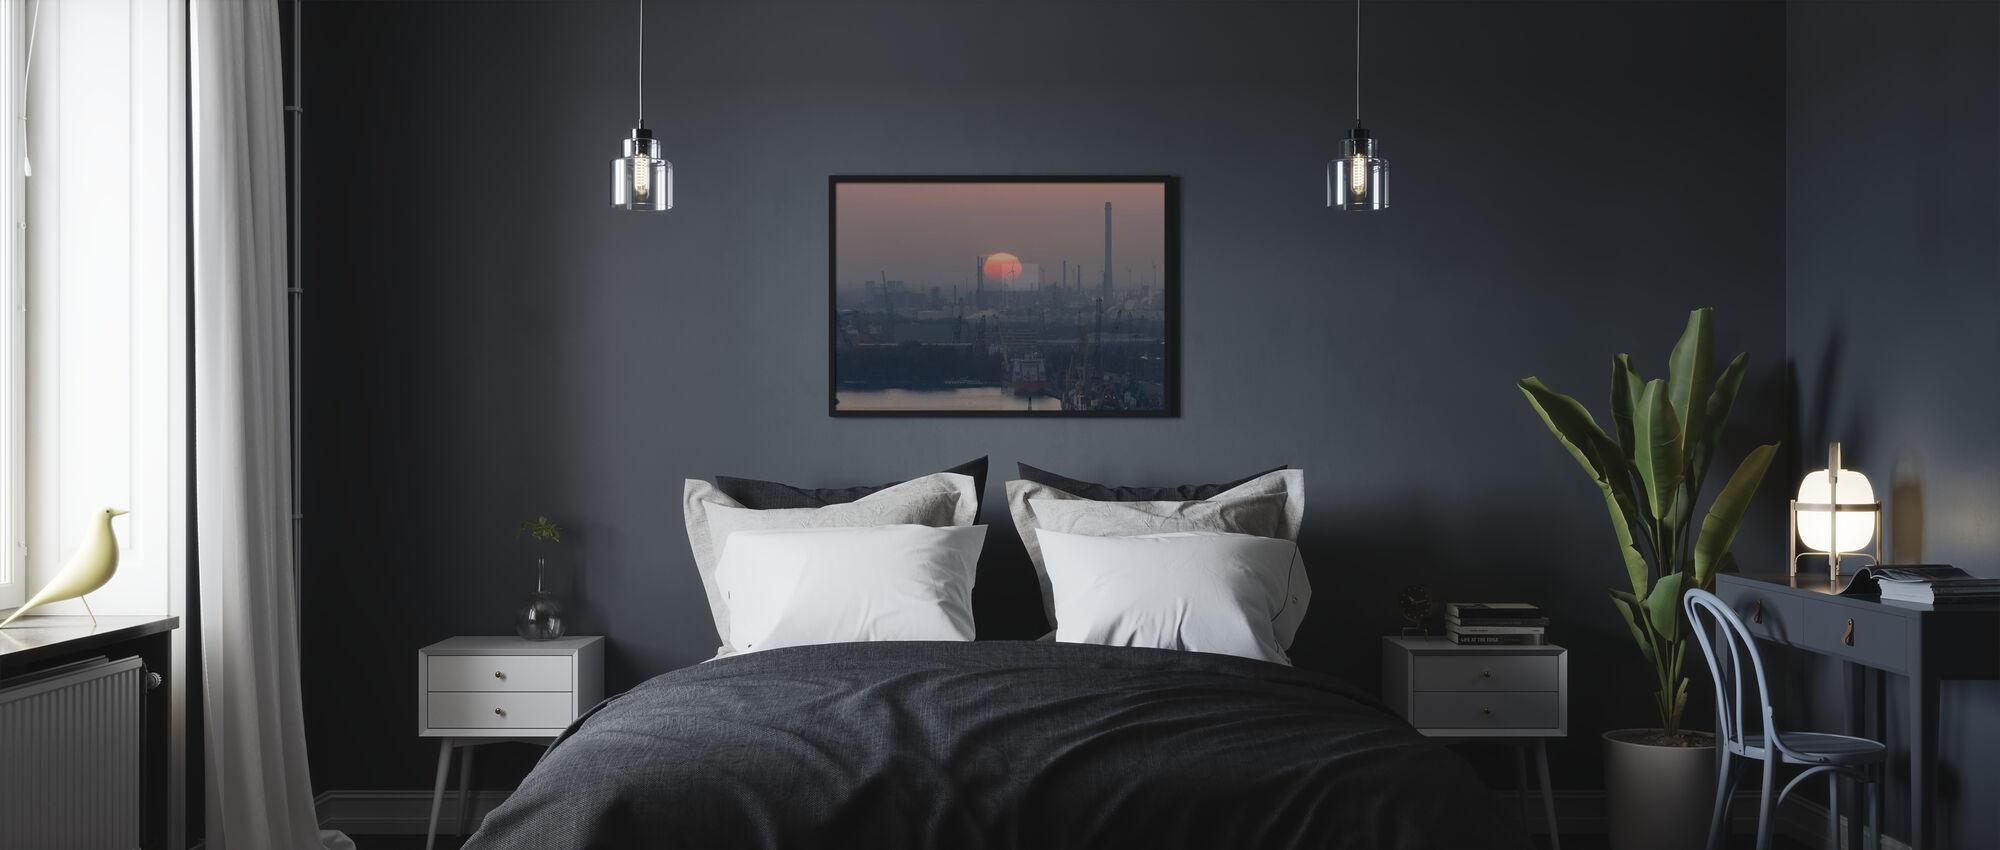 Rotterdamin satama Sunset - Kehystetty kuva - Makuuhuone